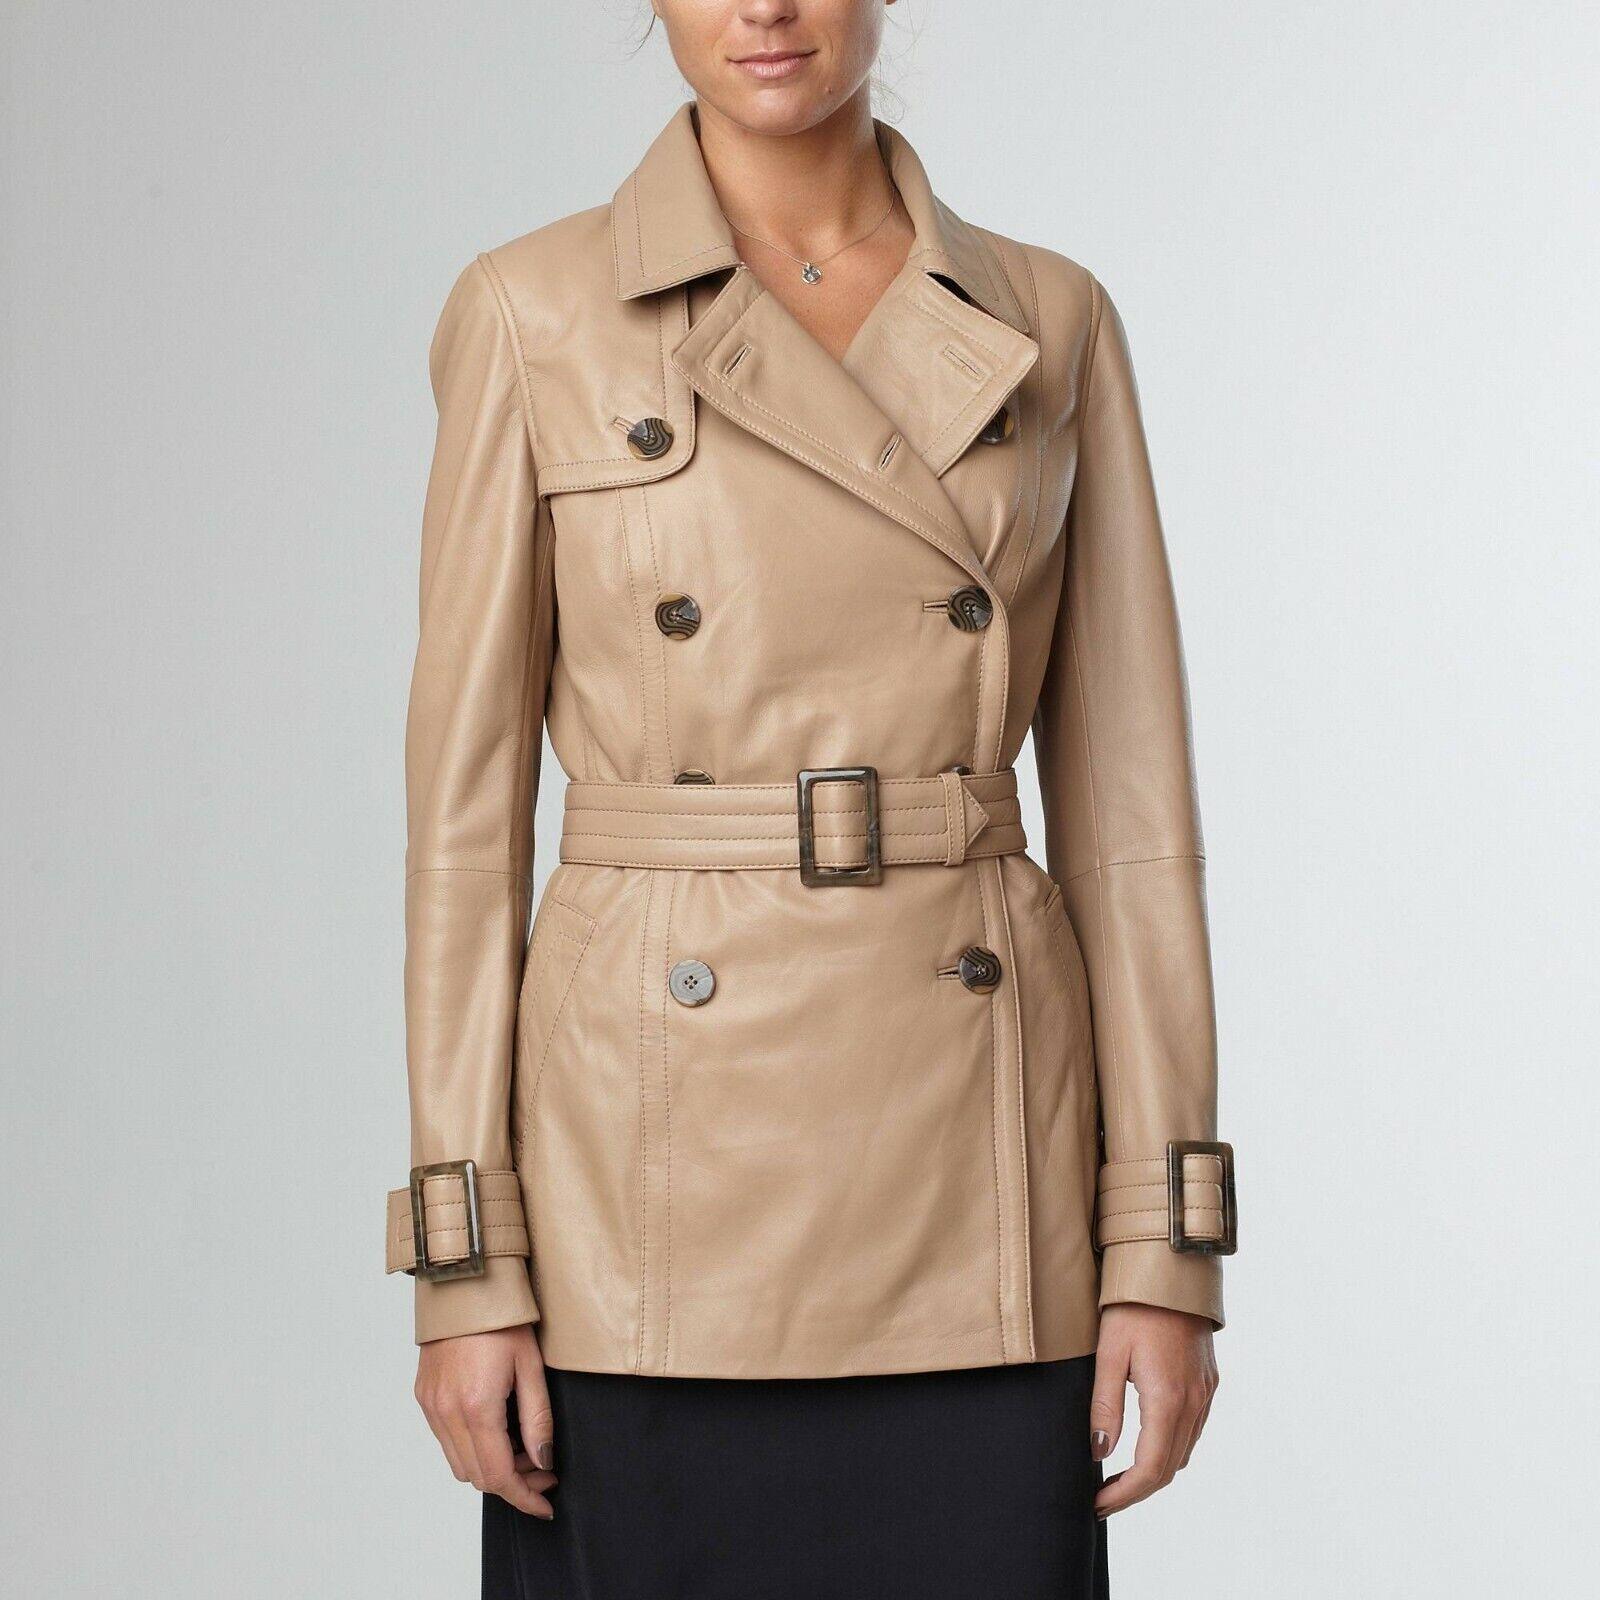 Promotion !!! manteau trench cuir souple agneau femme beige taille 38